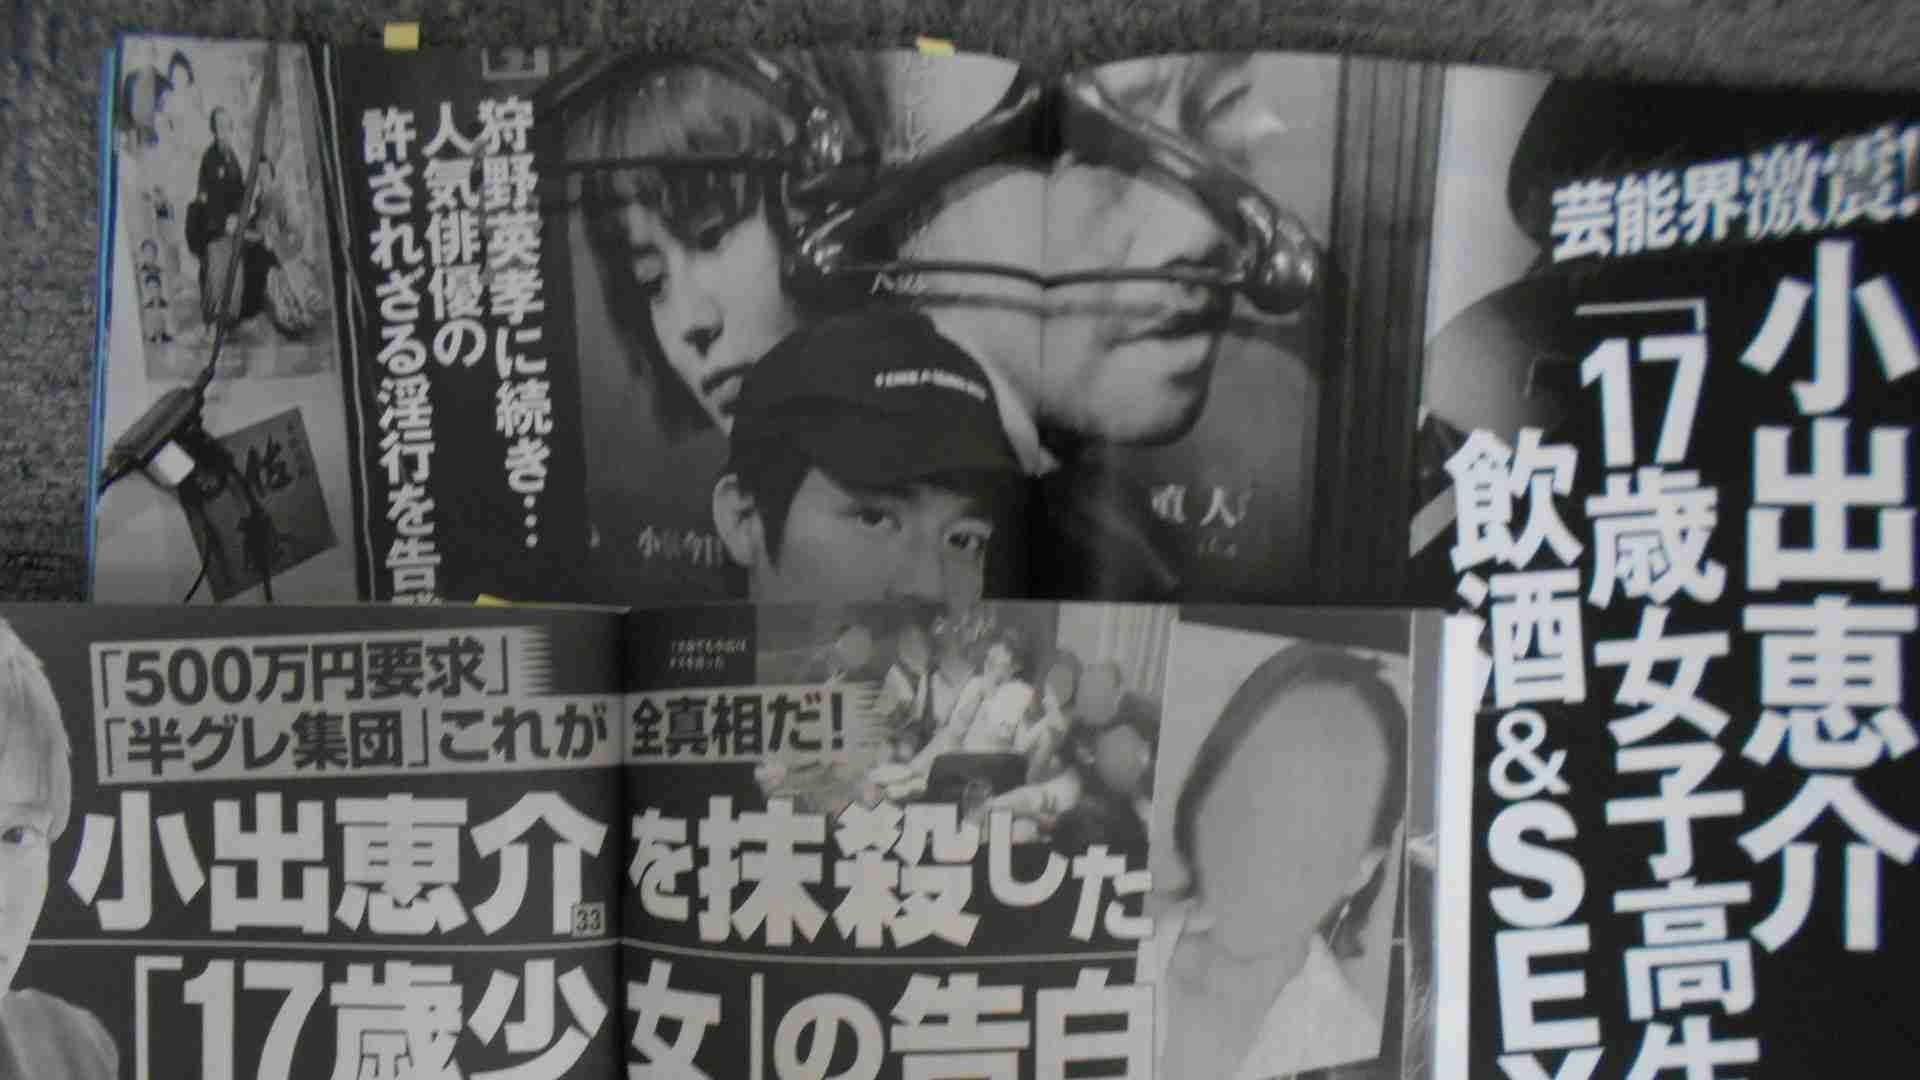 小出恵介スキャンダルの「いやはや何とも」な経緯と投げかけた問題点(篠田博之) - 個人 - Yahoo!ニュース